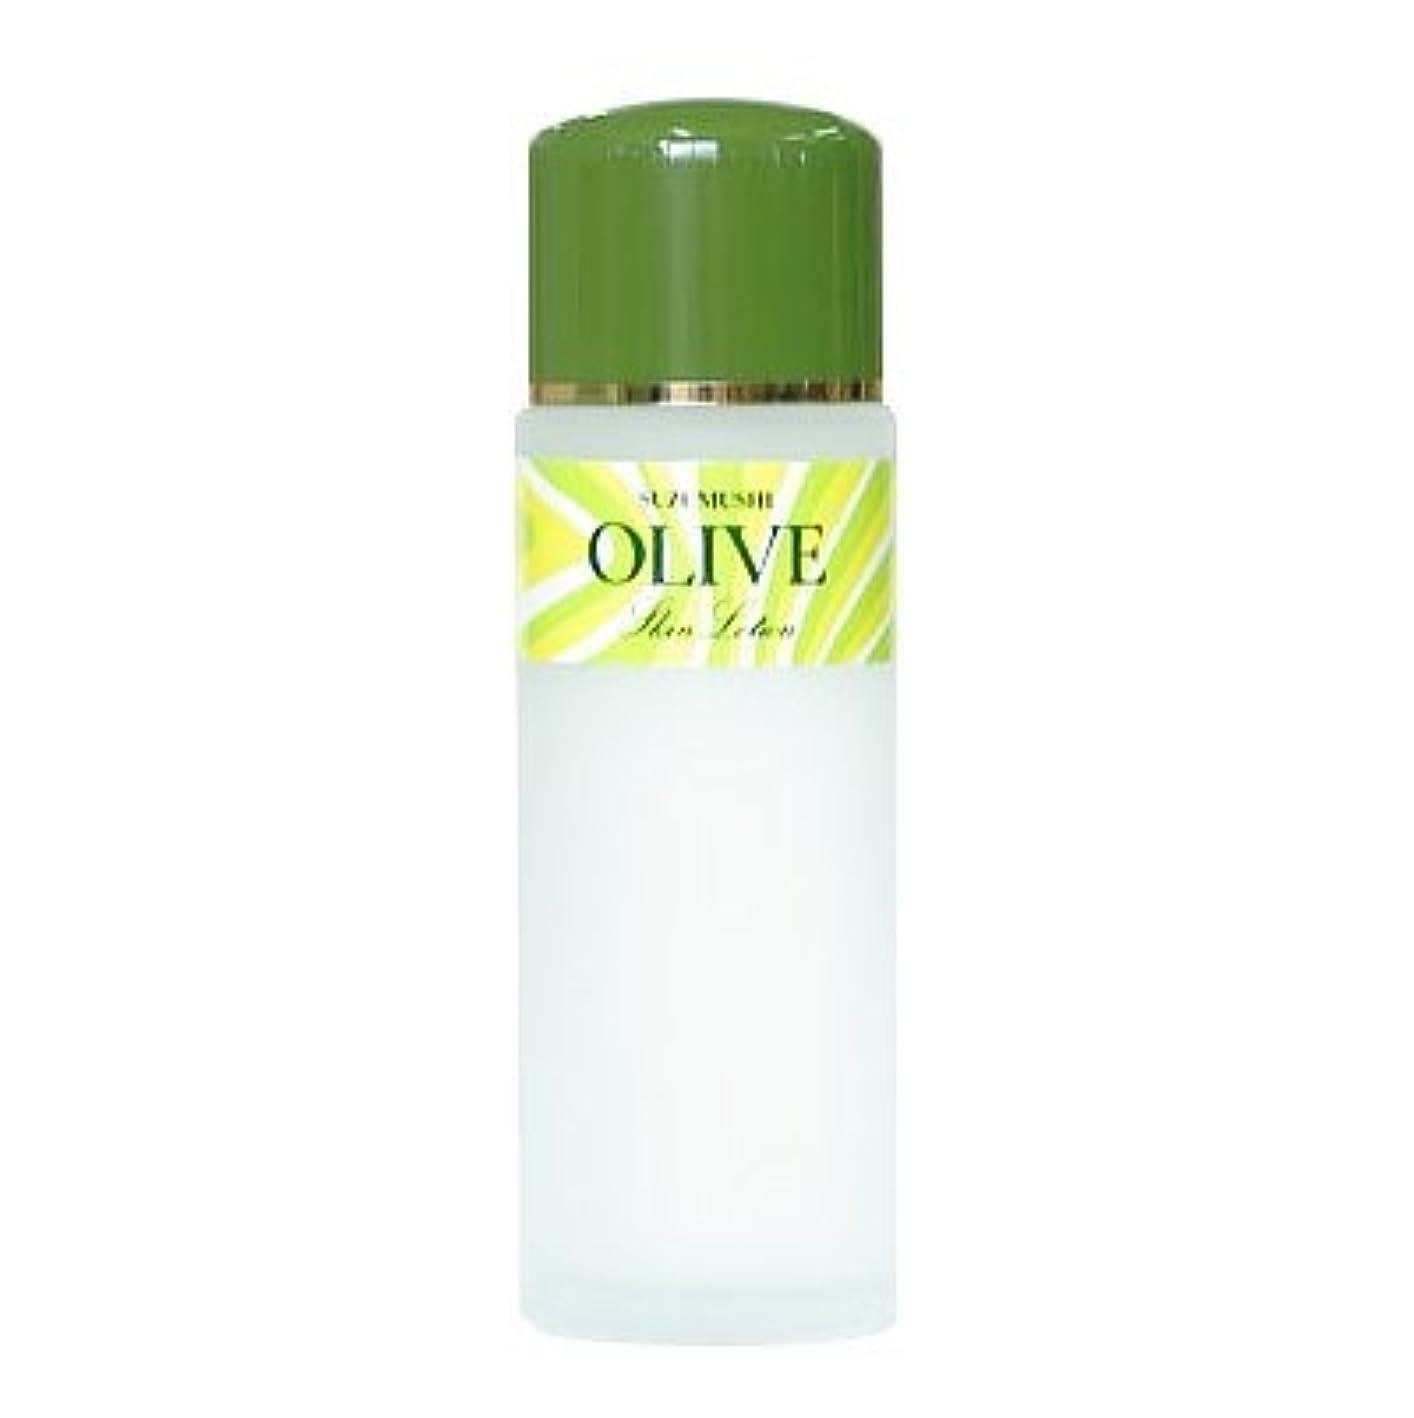 潜在的な伝染性の市区町村鈴虫化粧品 オリーブスキンローション120ml